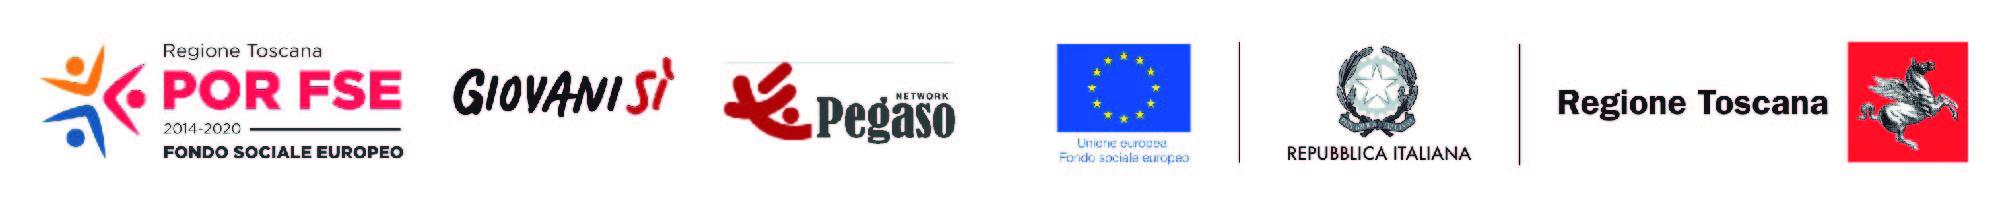 Loghi istituzionali Regione Toscana